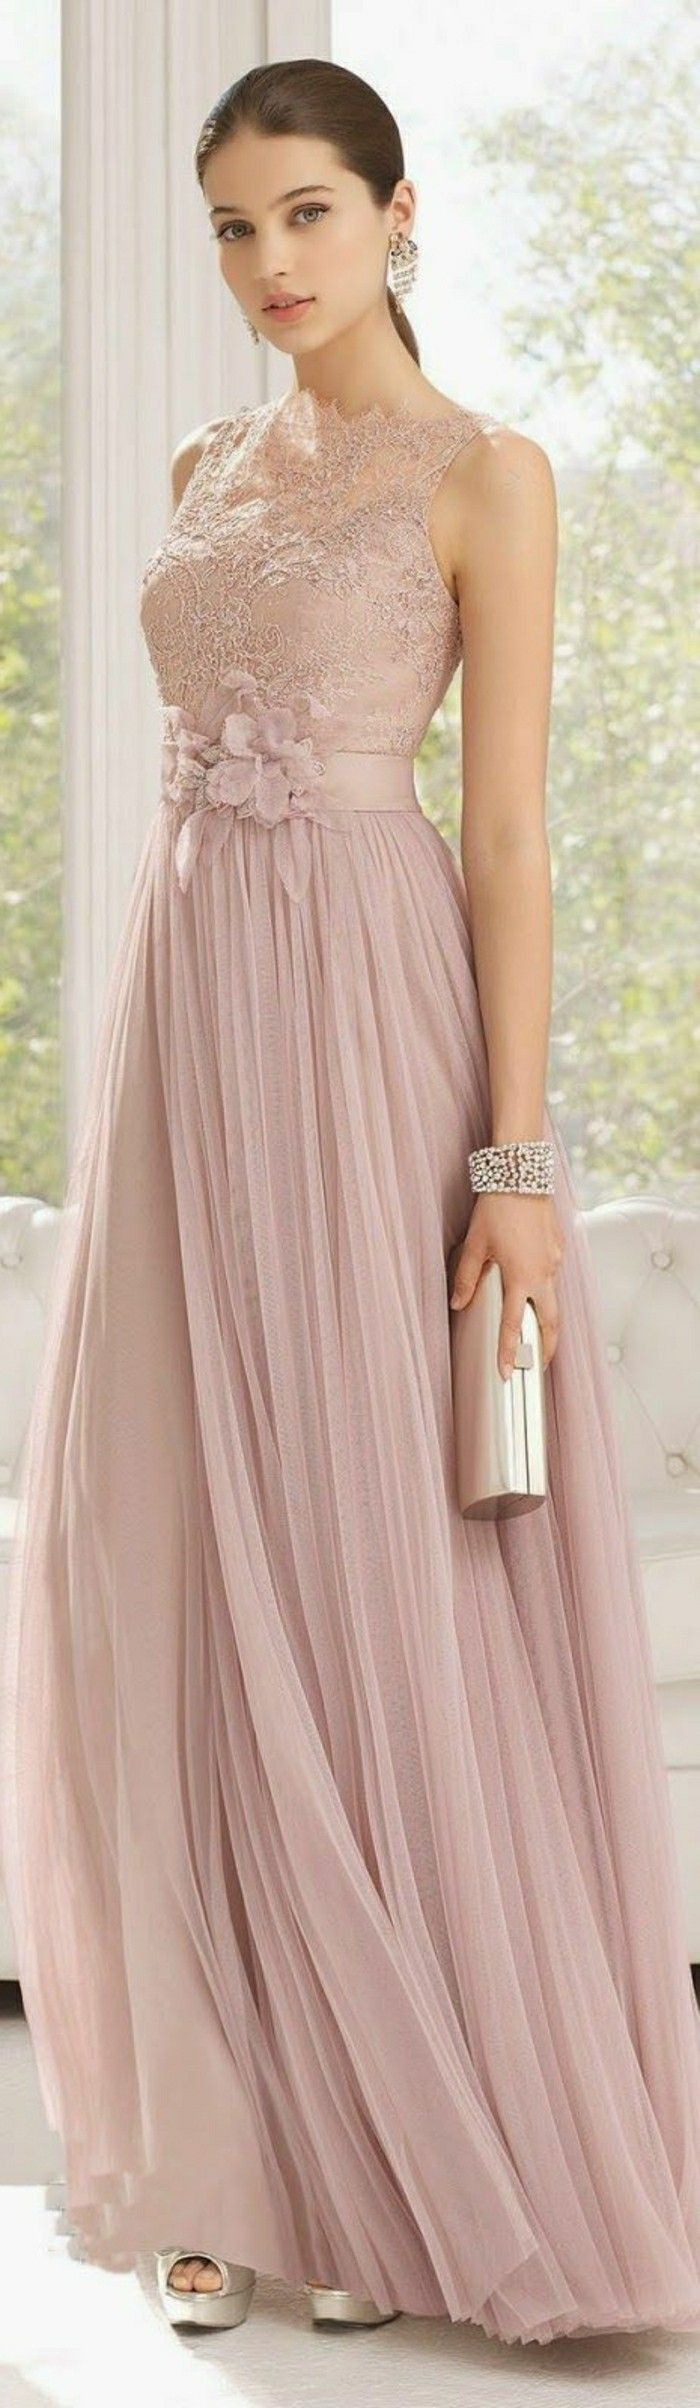 Rosa Brautkleid für einen glamourösen Hochzeits-Look  Abendkleid